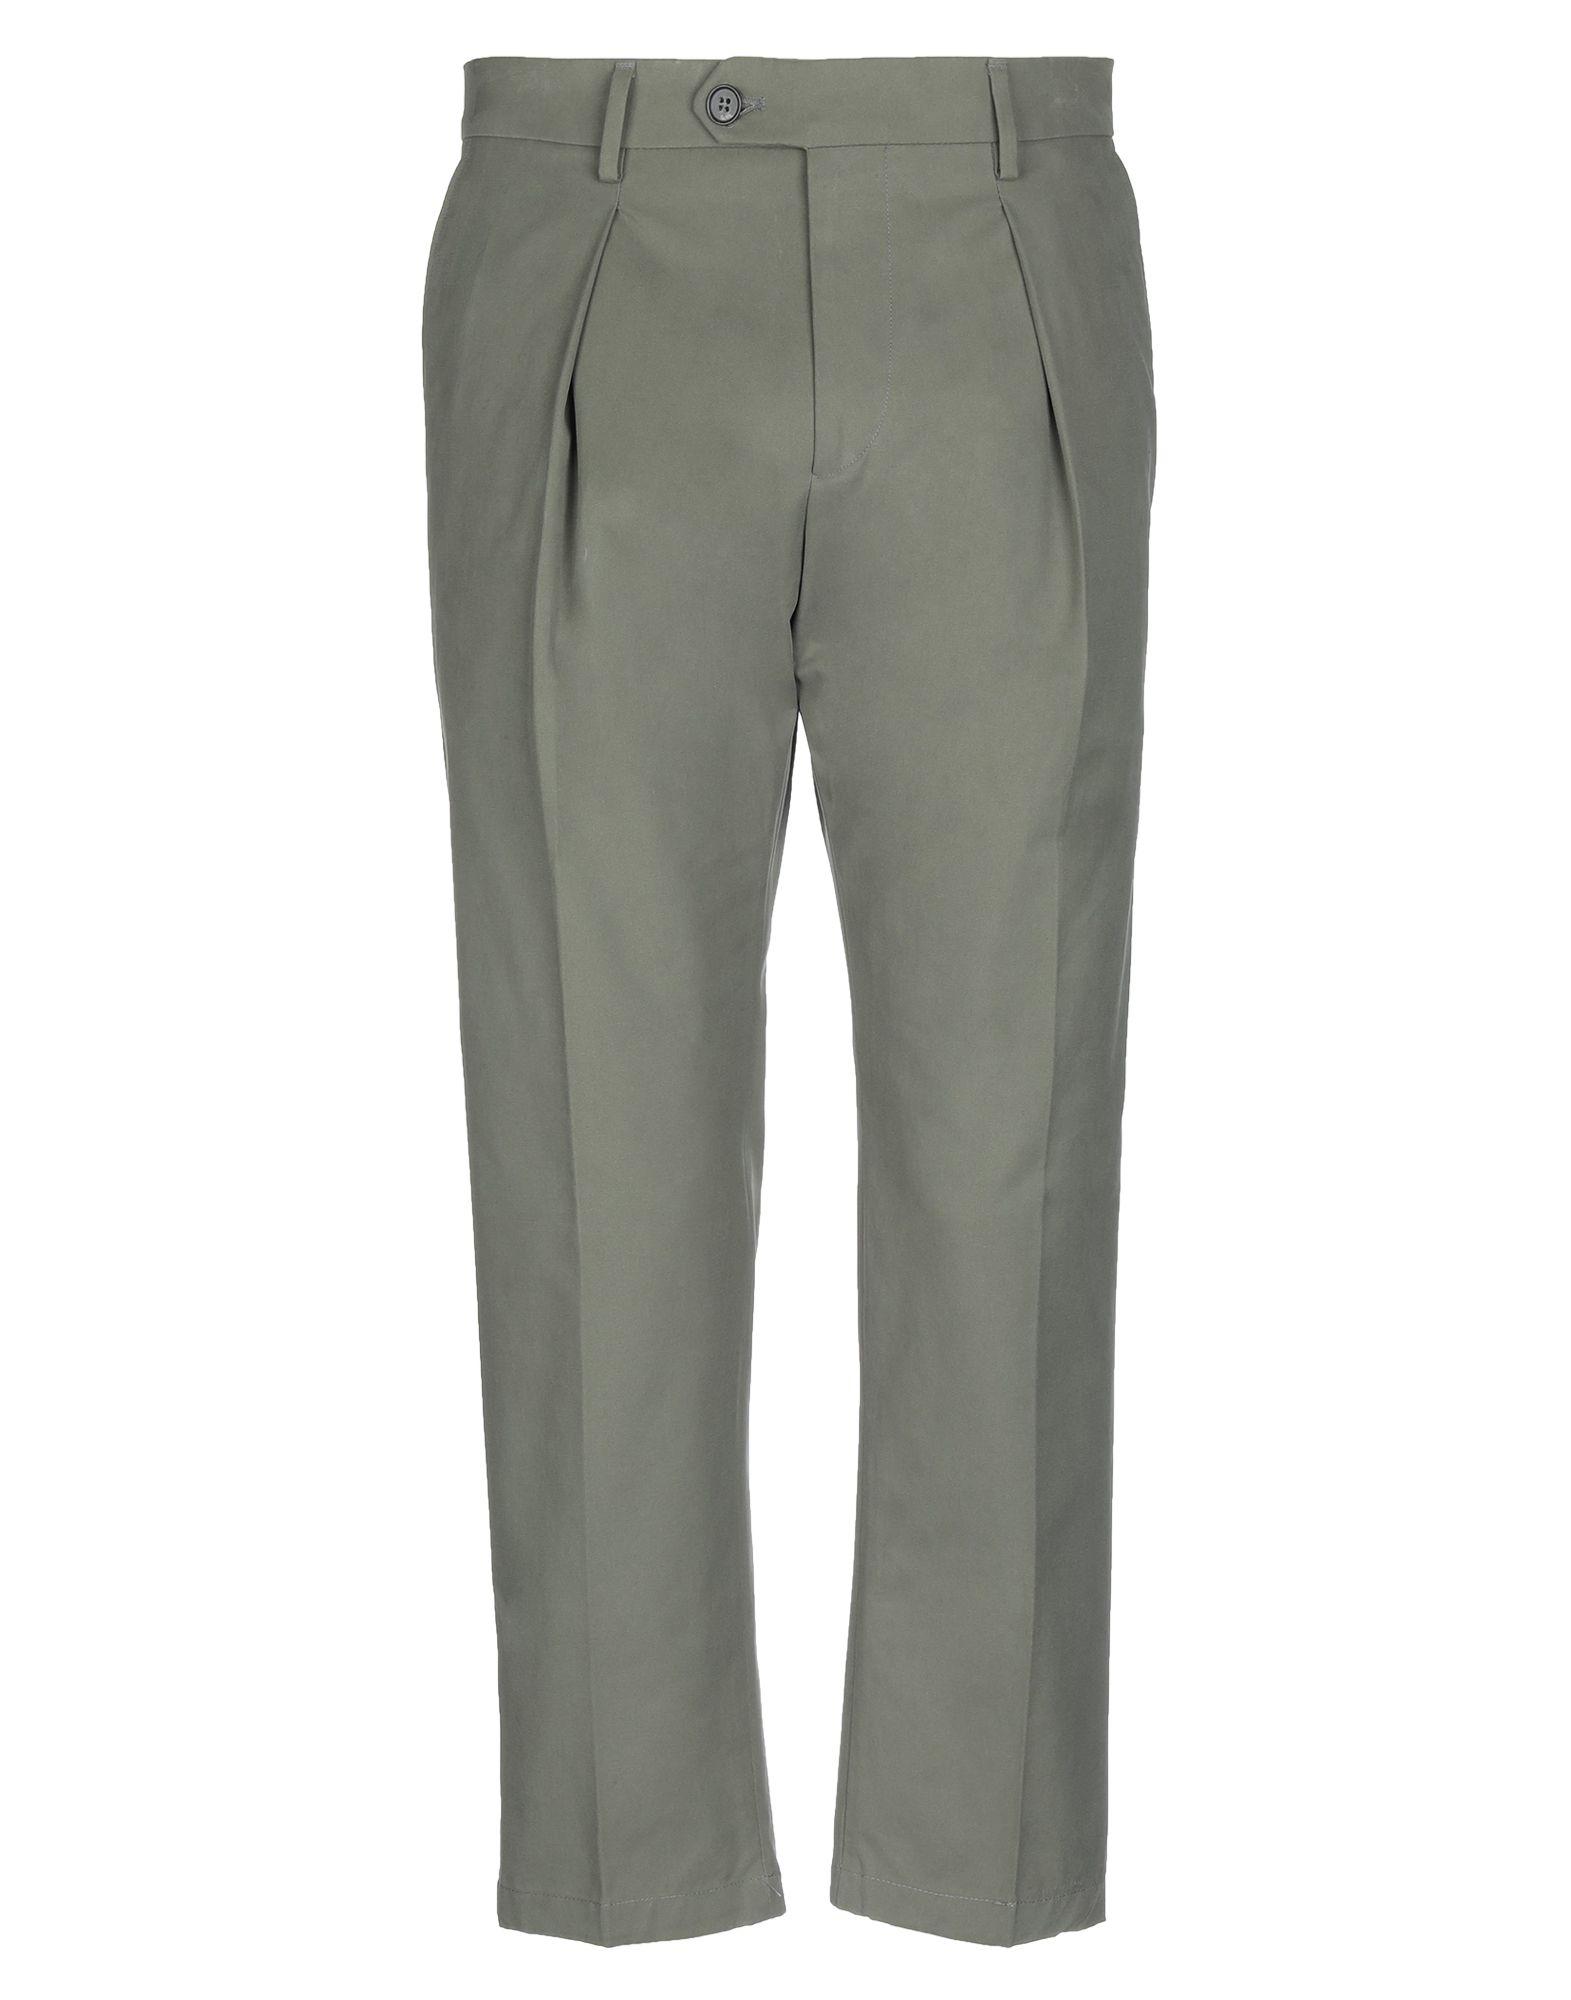 《セール開催中》BE ABLE メンズ パンツ ミリタリーグリーン 32 コットン 100%